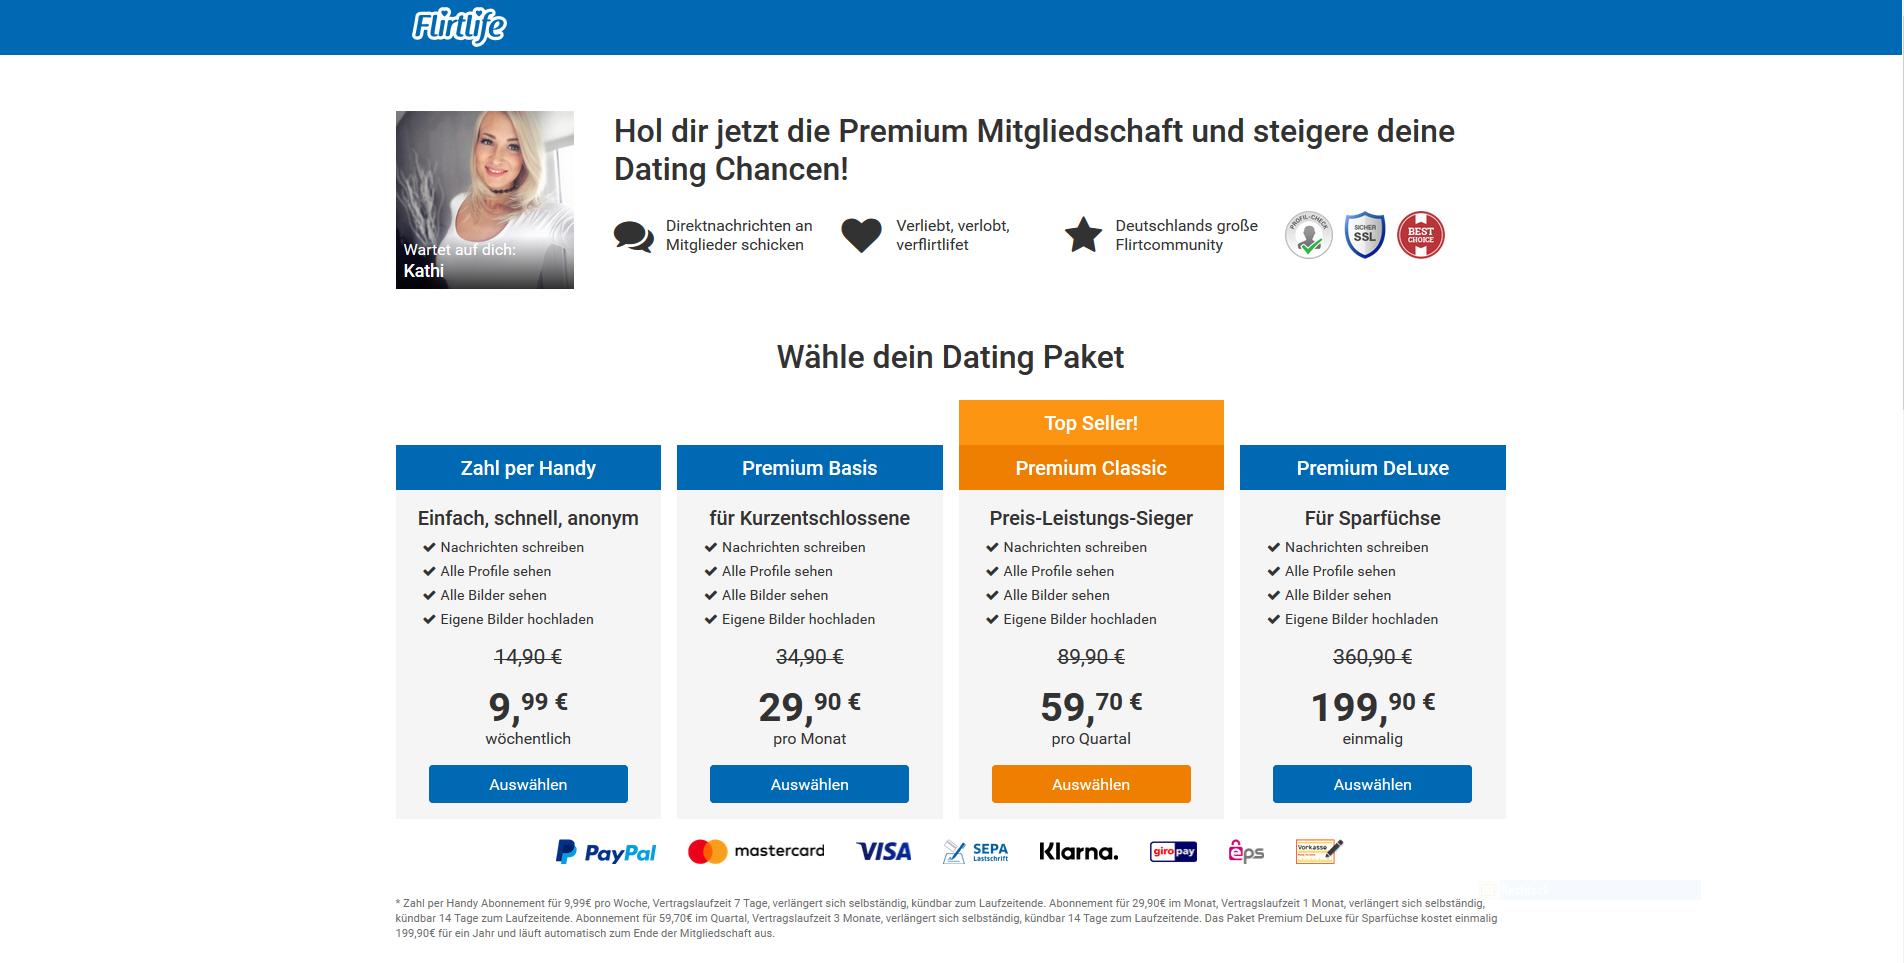 Wirklich kostenlose dating-sites ohne kostenpflichtige funktionen